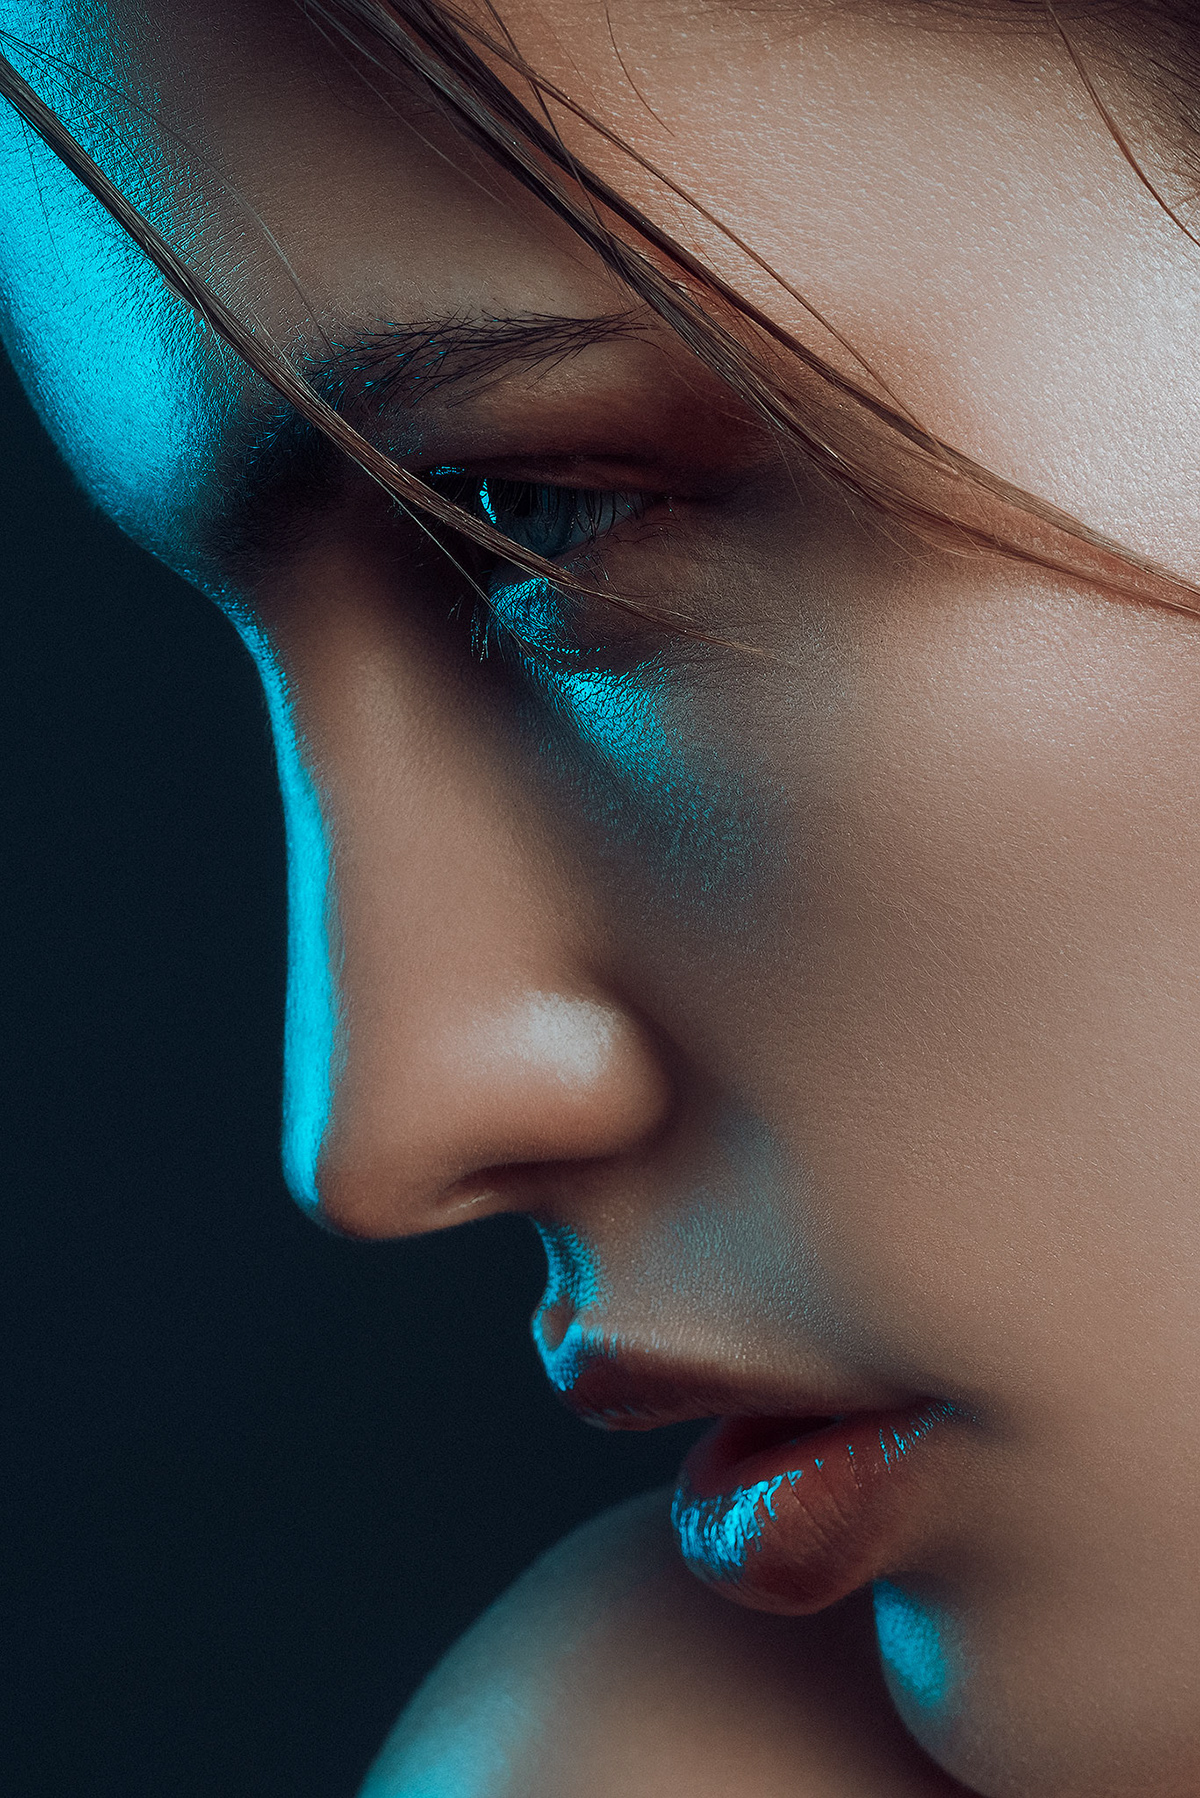 Image may contain: eyes, face and eyelash